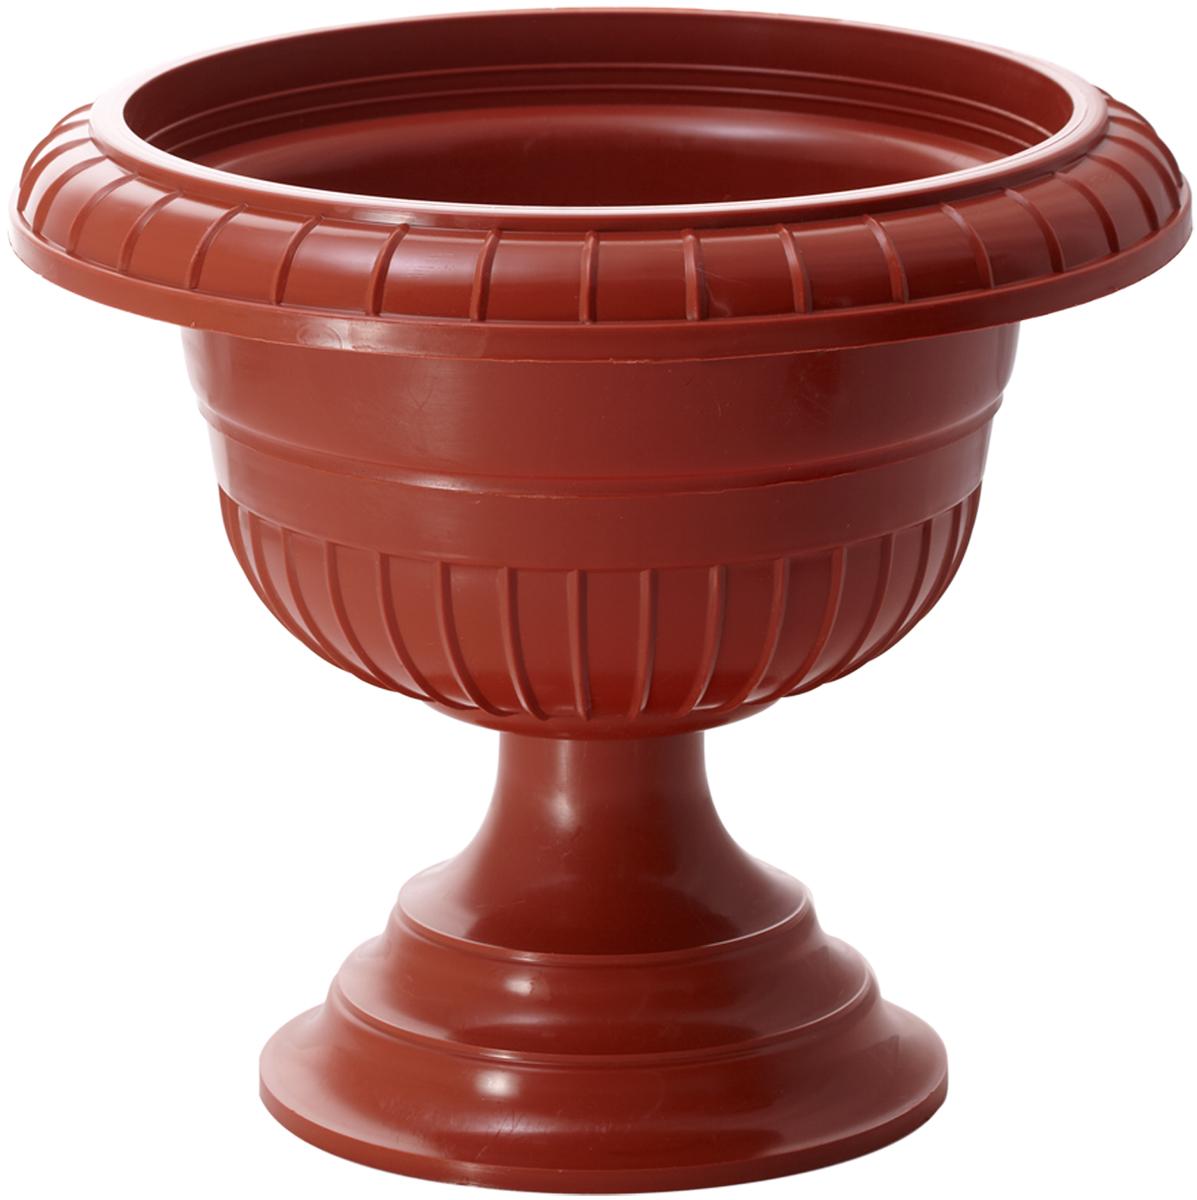 Вазон InGreen, цвет: терракотовый, высота 24,5 смING1555СЛВазон InGreen, выполненный из высококачественного пластика, станет прекрасным элементом декора загородного дома, квартиры, офиса или любого другого помещения. Вазон имеет сборную конструкцию из 2 частей: чаши и ножки. Изделие выполнено в классическом стиле и может быть установлено как на балюстраду, так и на ровную поверхность.Такой вазон прекрасно подойдет для выращивания цветов и однолетних растений.